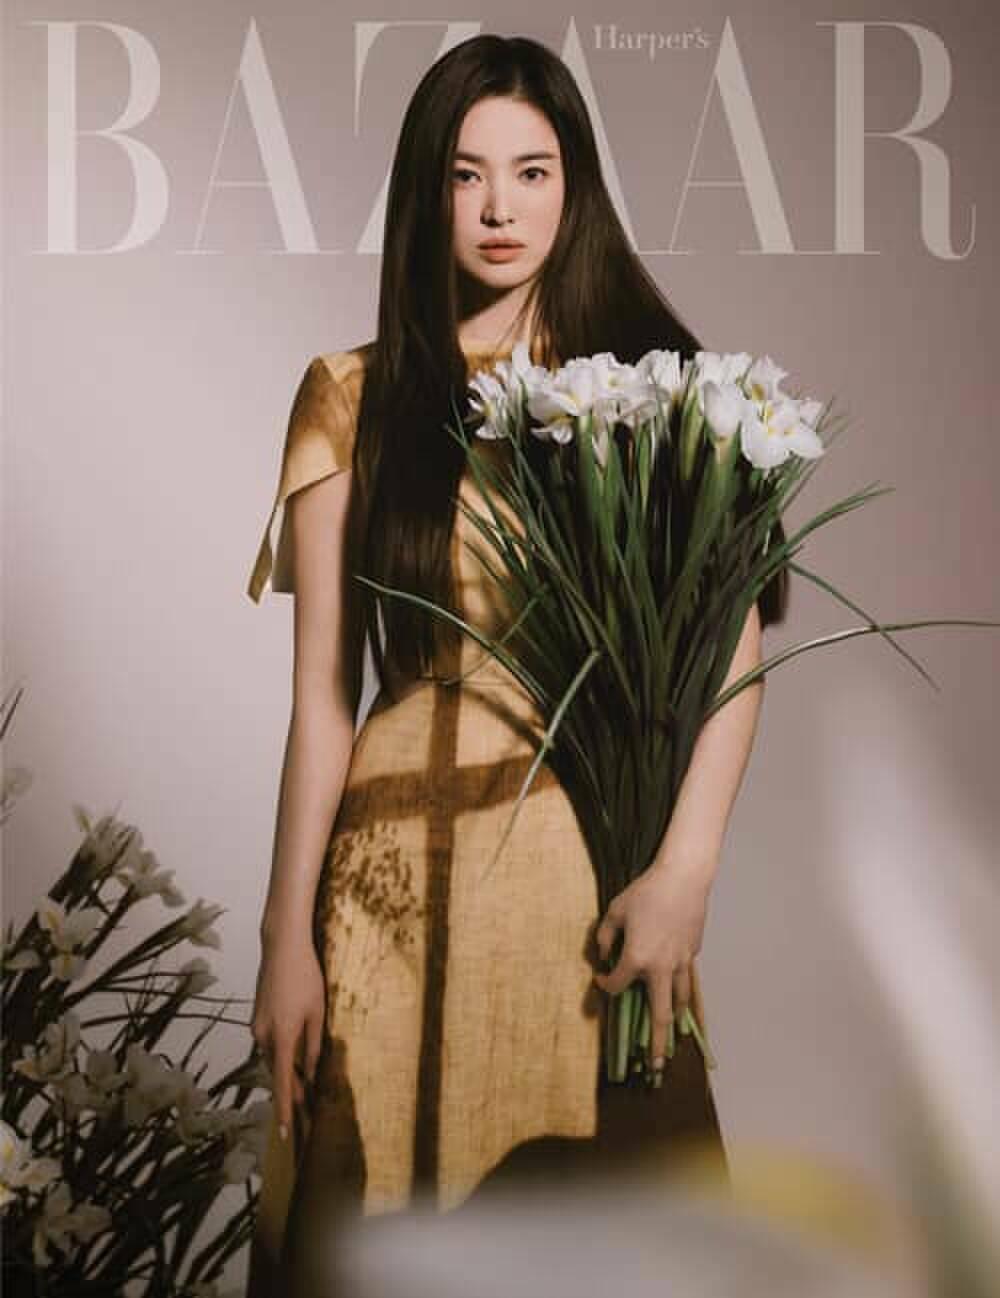 """Thần thái """"chị đại"""" Song Hye Kyo & """"mợ chảnh"""" trong các bộ ảnh thời trang khiến đàn em dè chừng"""